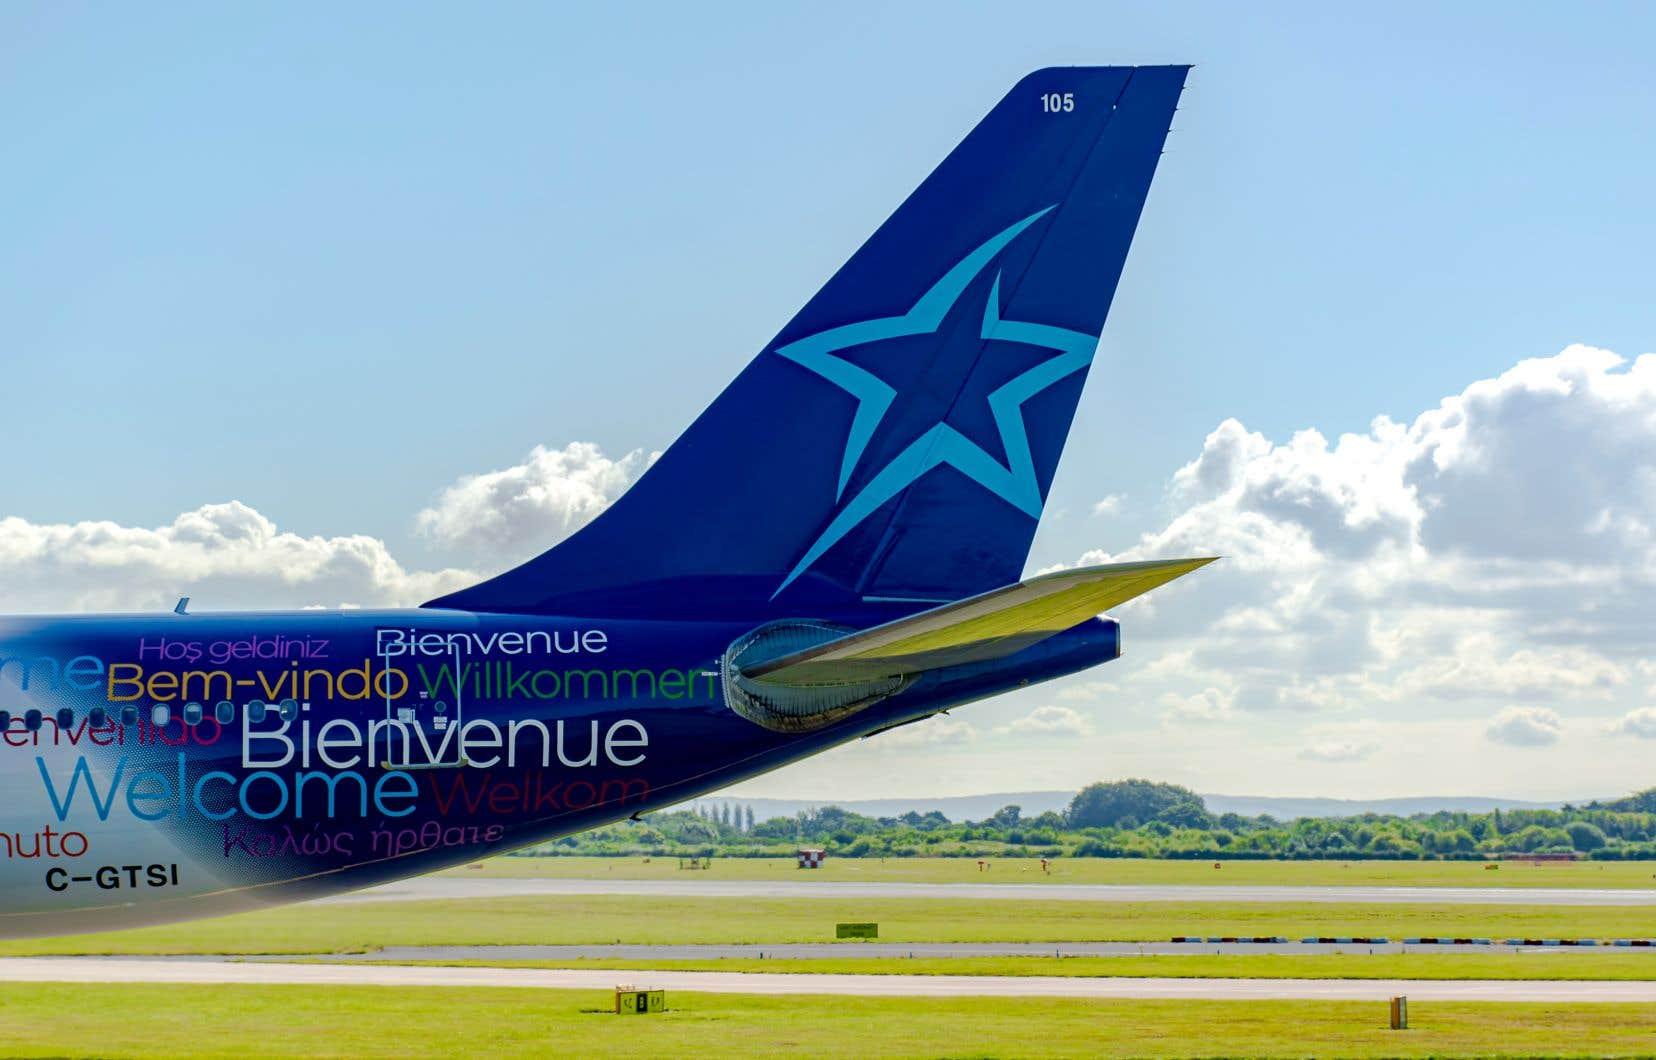 Le vote sur l'offre d'Air Canada doit se faire lors d'une assemblée des actionnaires de Transat A.T. fixée au 23 août.